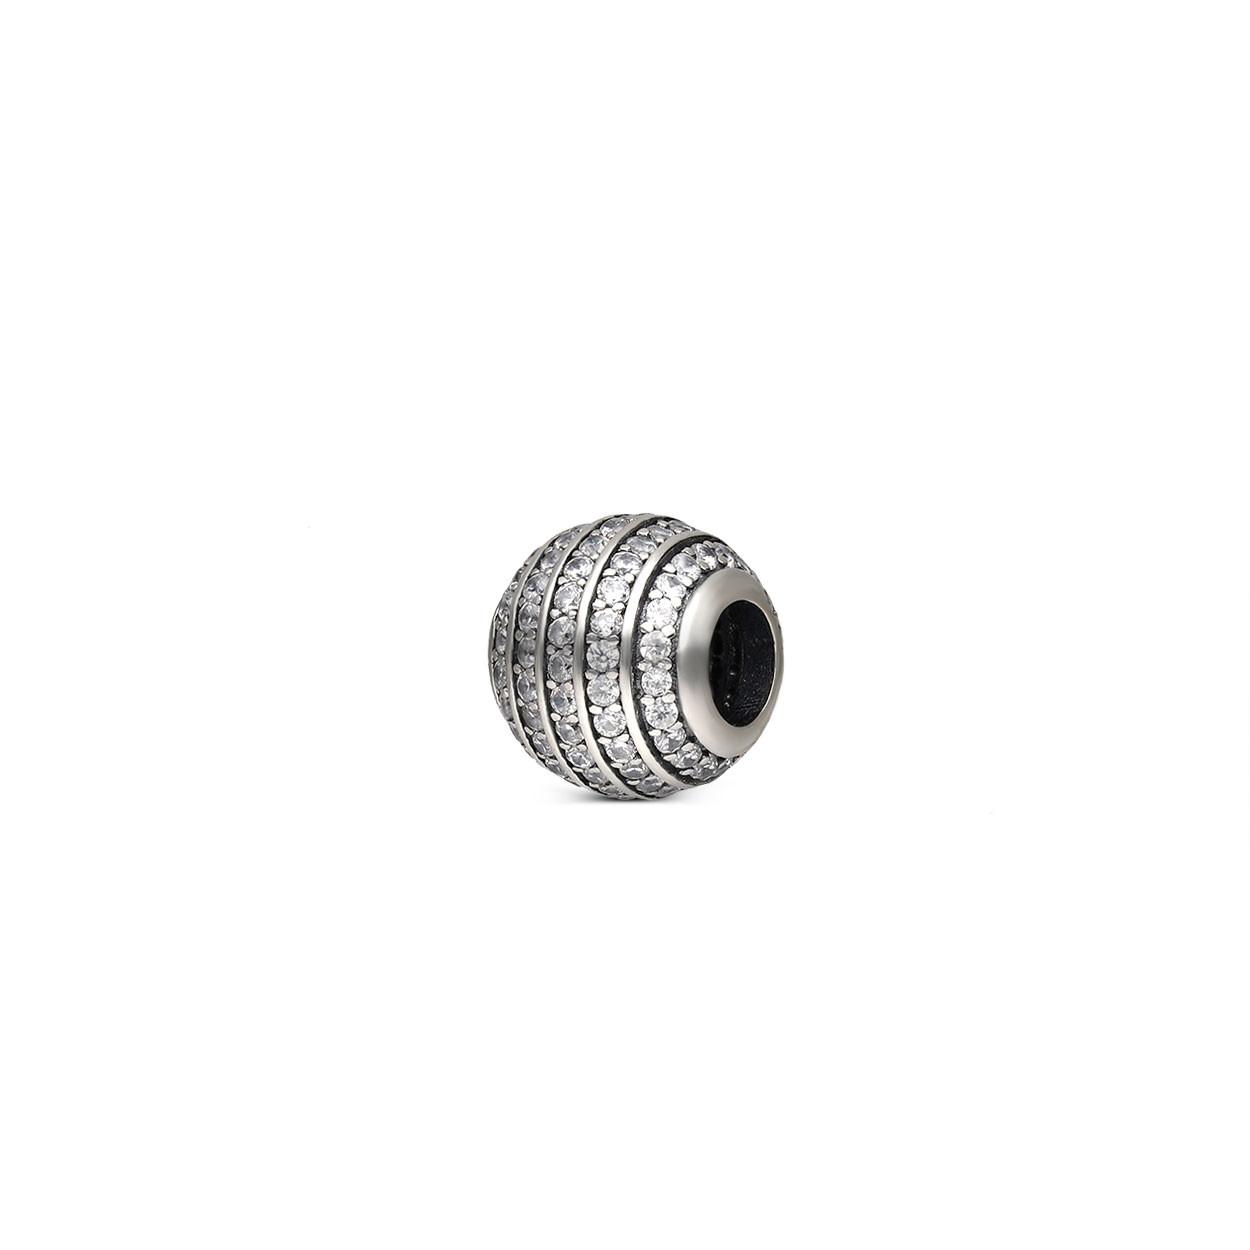 Zawieszka srebrna z cyrkoniami do bransolety modułowej, próba 925